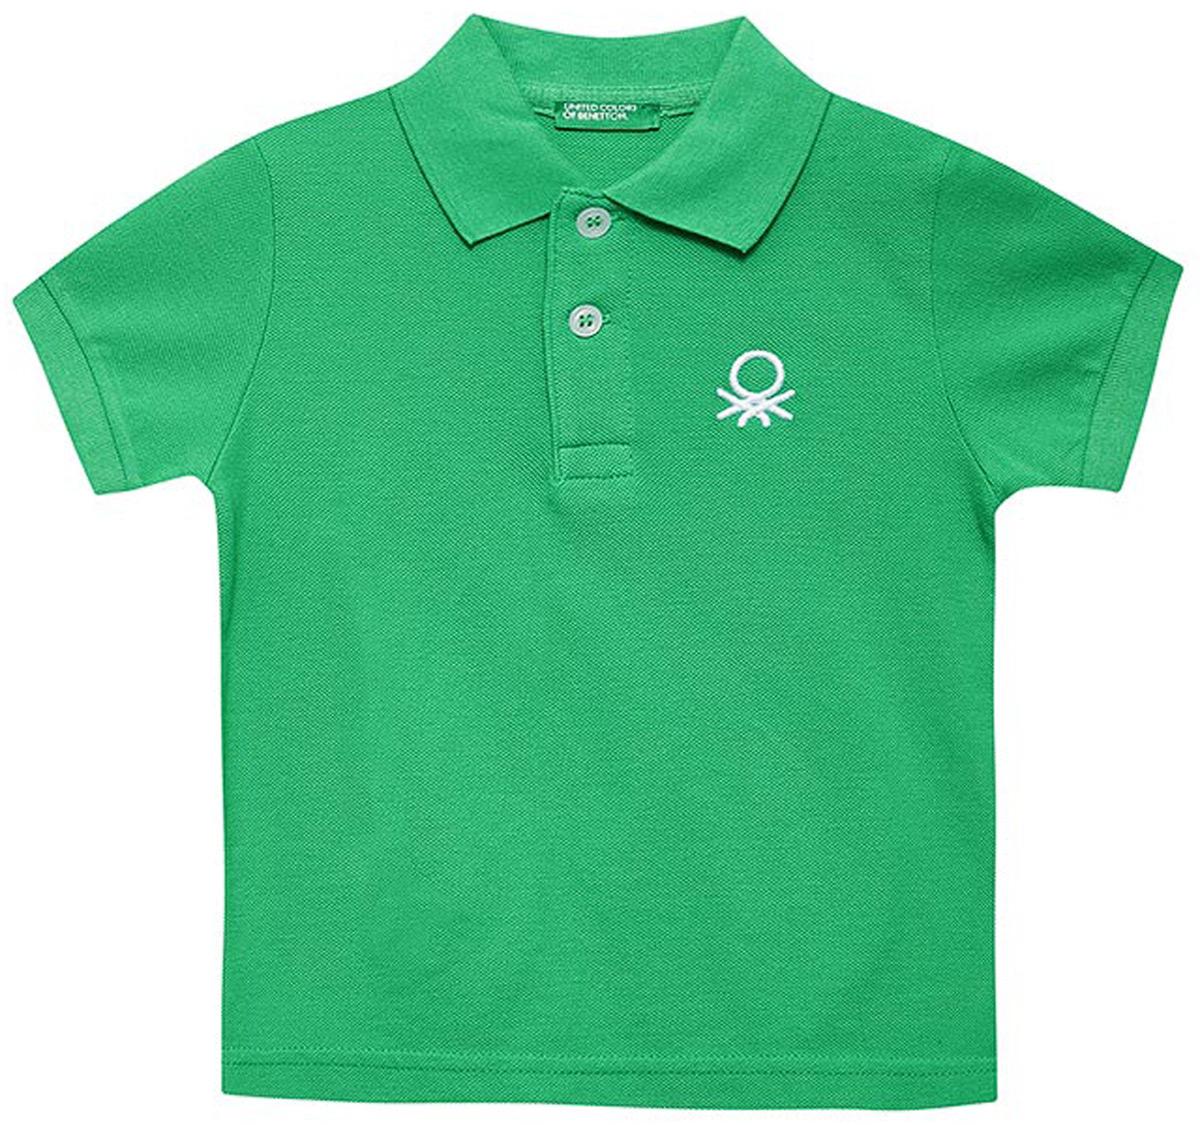 Поло для мальчиков United Colors of Benetton, цвет: зеленый. 3089C3303_108. Размер 1703089C3303_108Лаконичное поло от United Colors of Benetton выполнено из натурального хлопкового трикотажа. Модель с короткими рукавами и отложным воротником на груди застегивается на пуговицы.